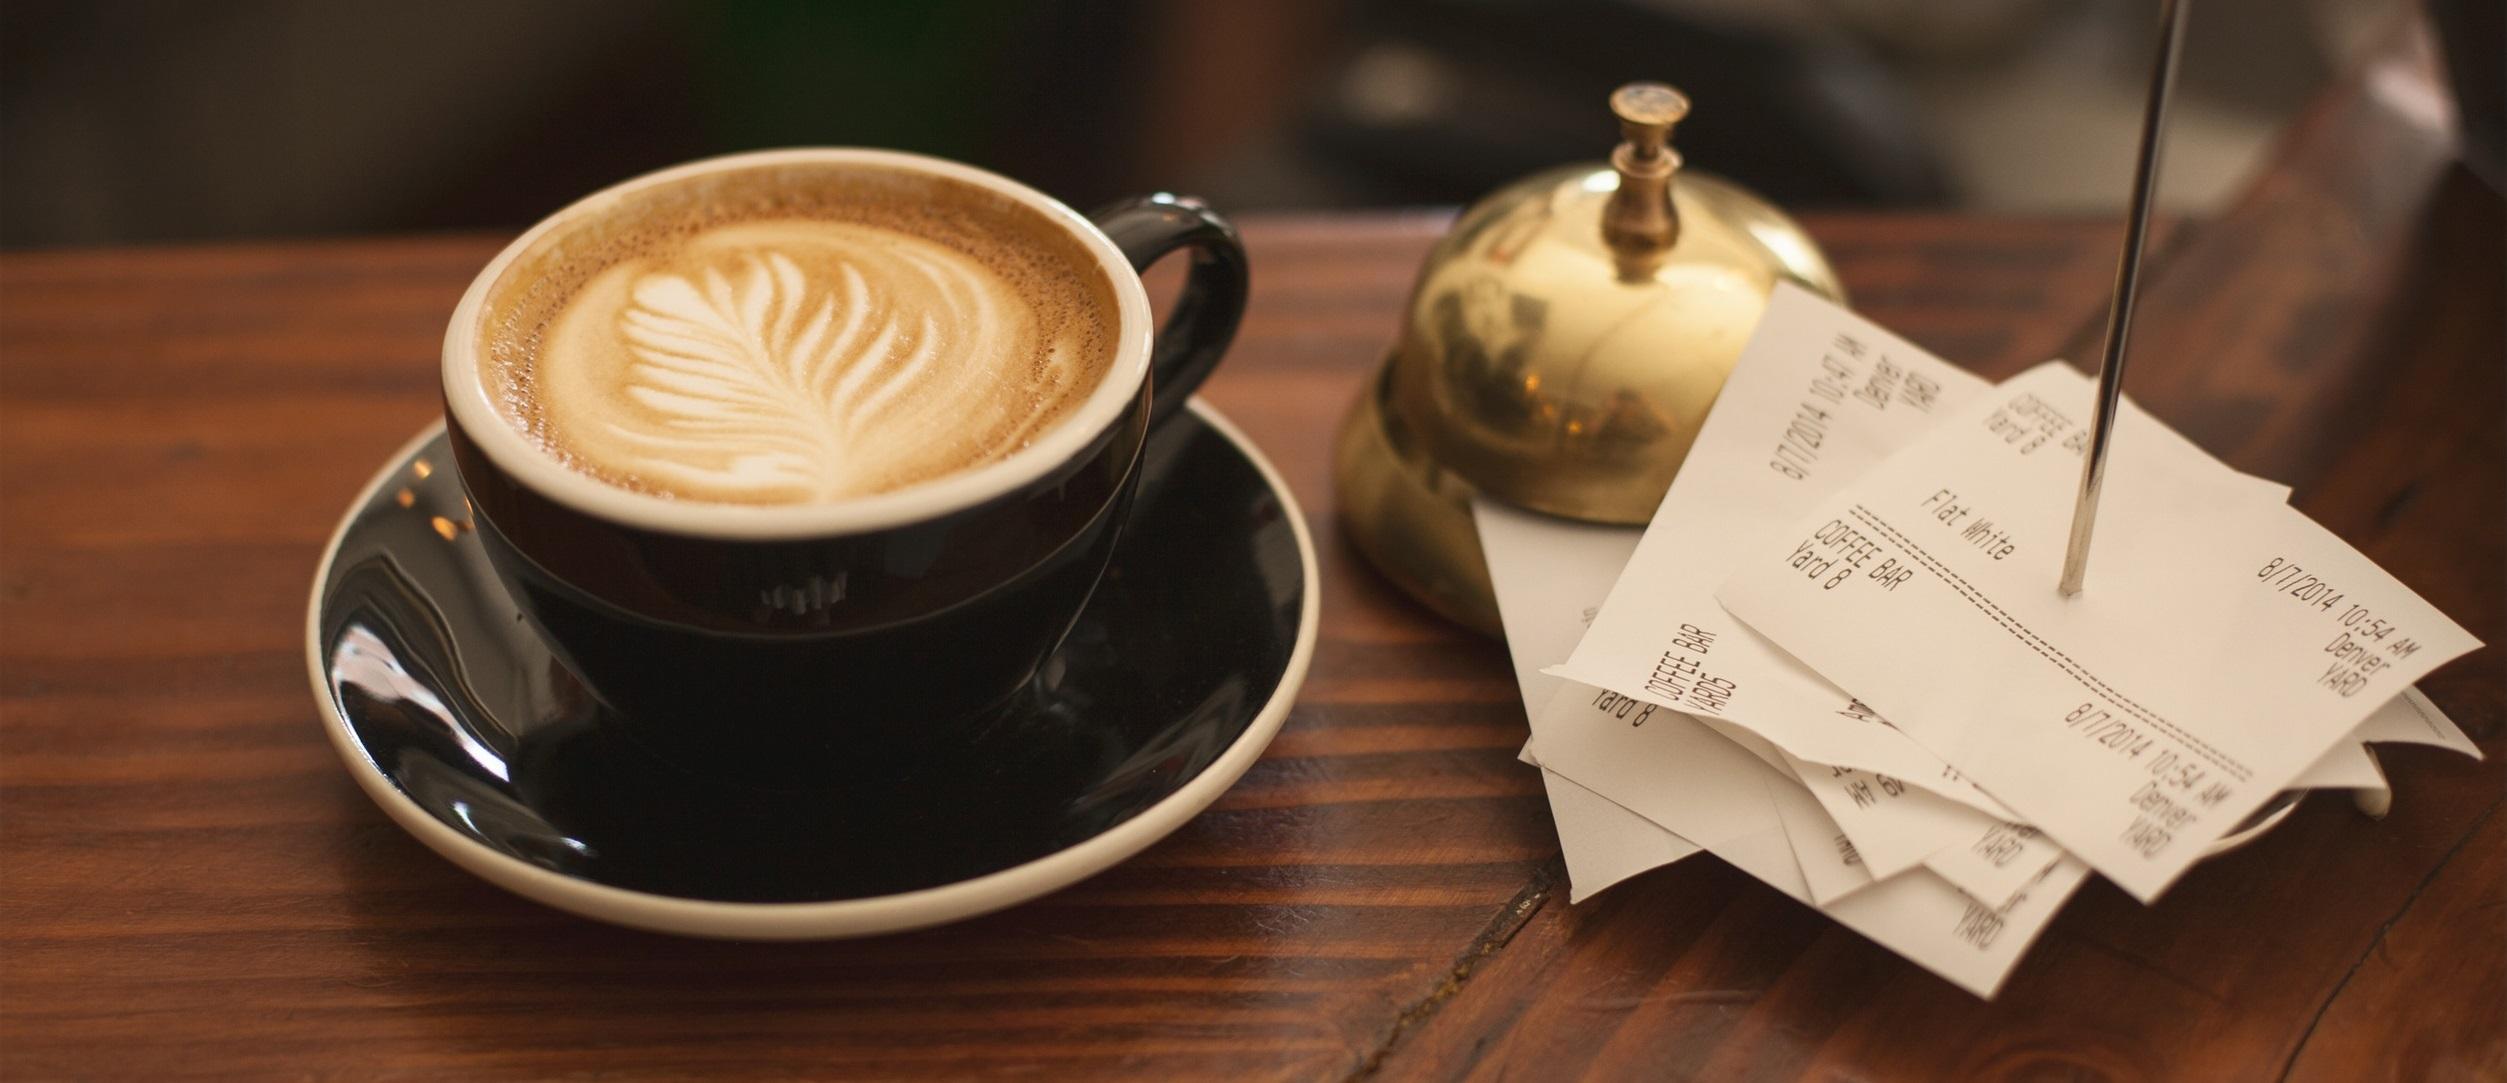 Servicios de la Asociación de Cafés y Bares de Zaragoza